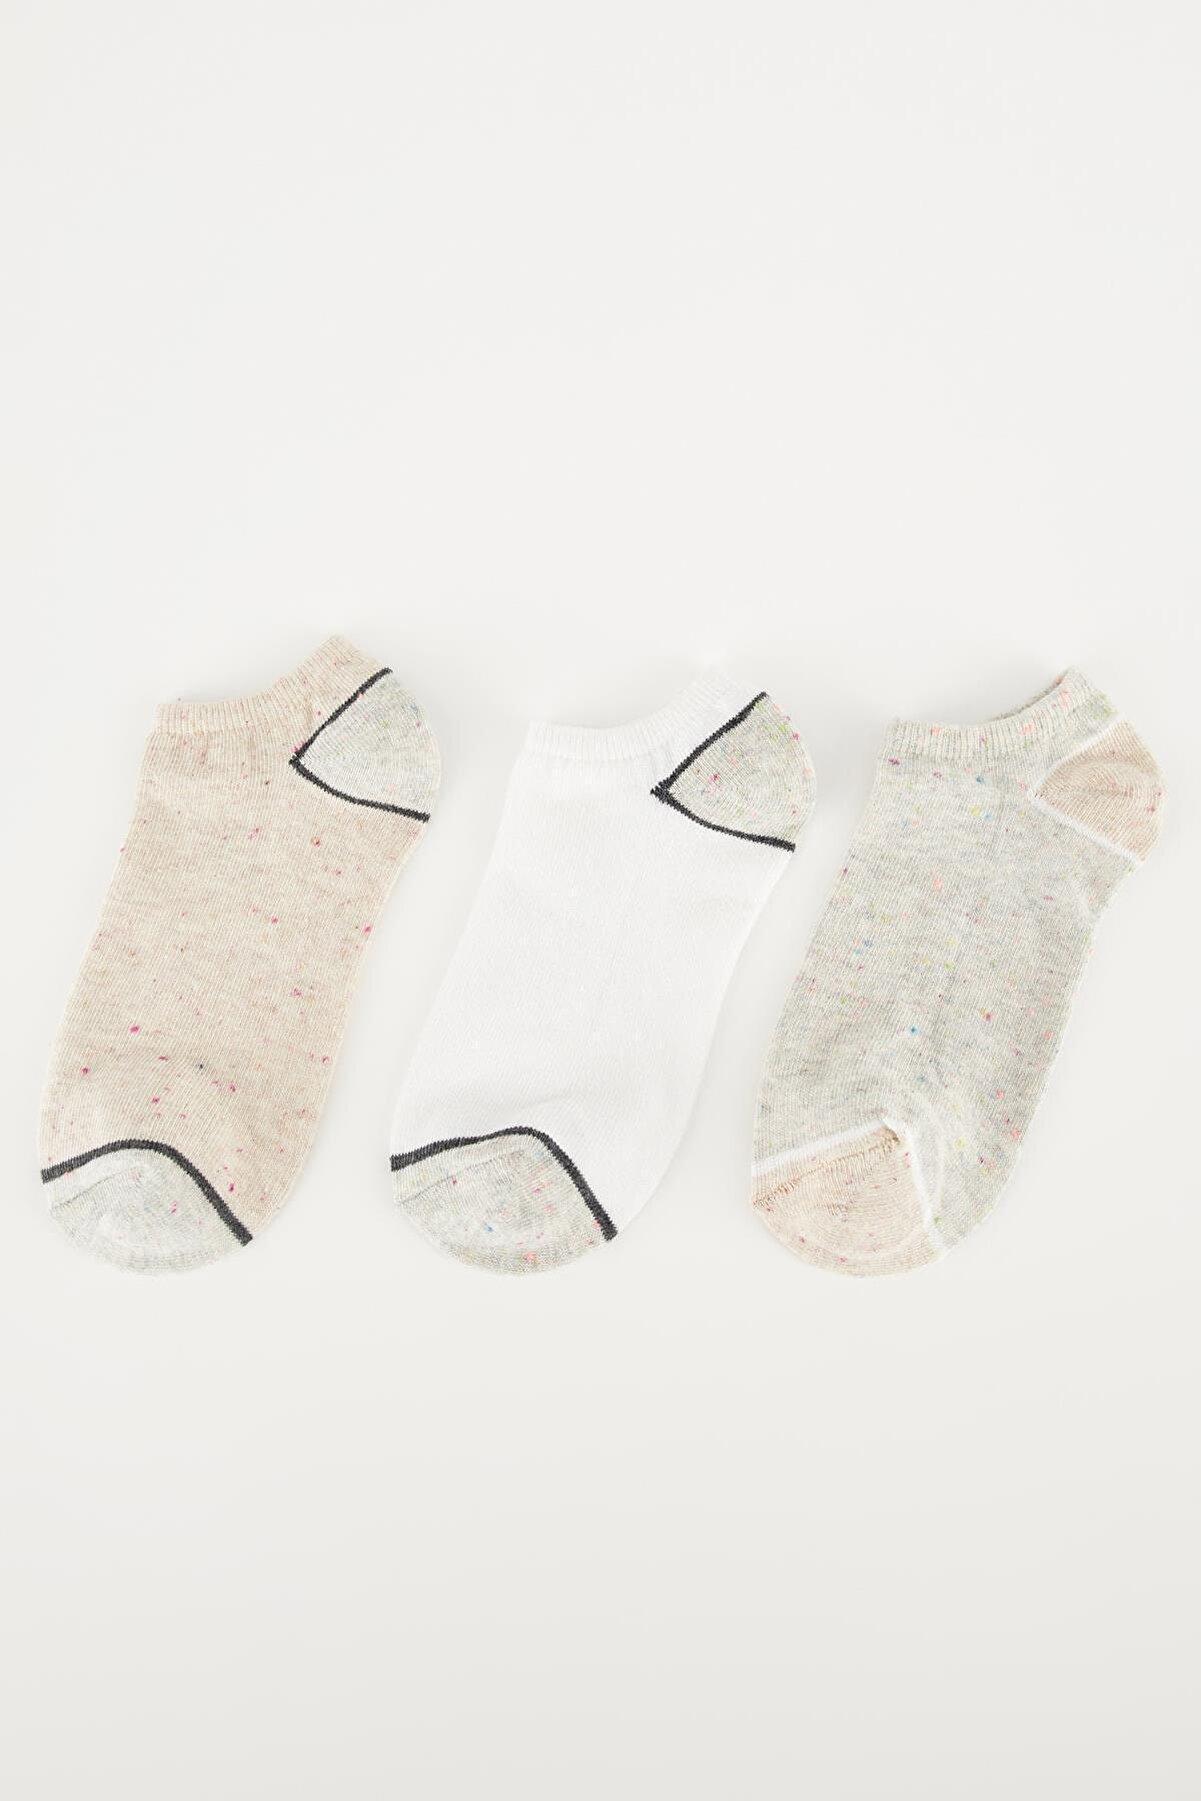 Defacto Kadın Çok Renkli Patik Çorap 3'Lü T7384AZ21SPKR